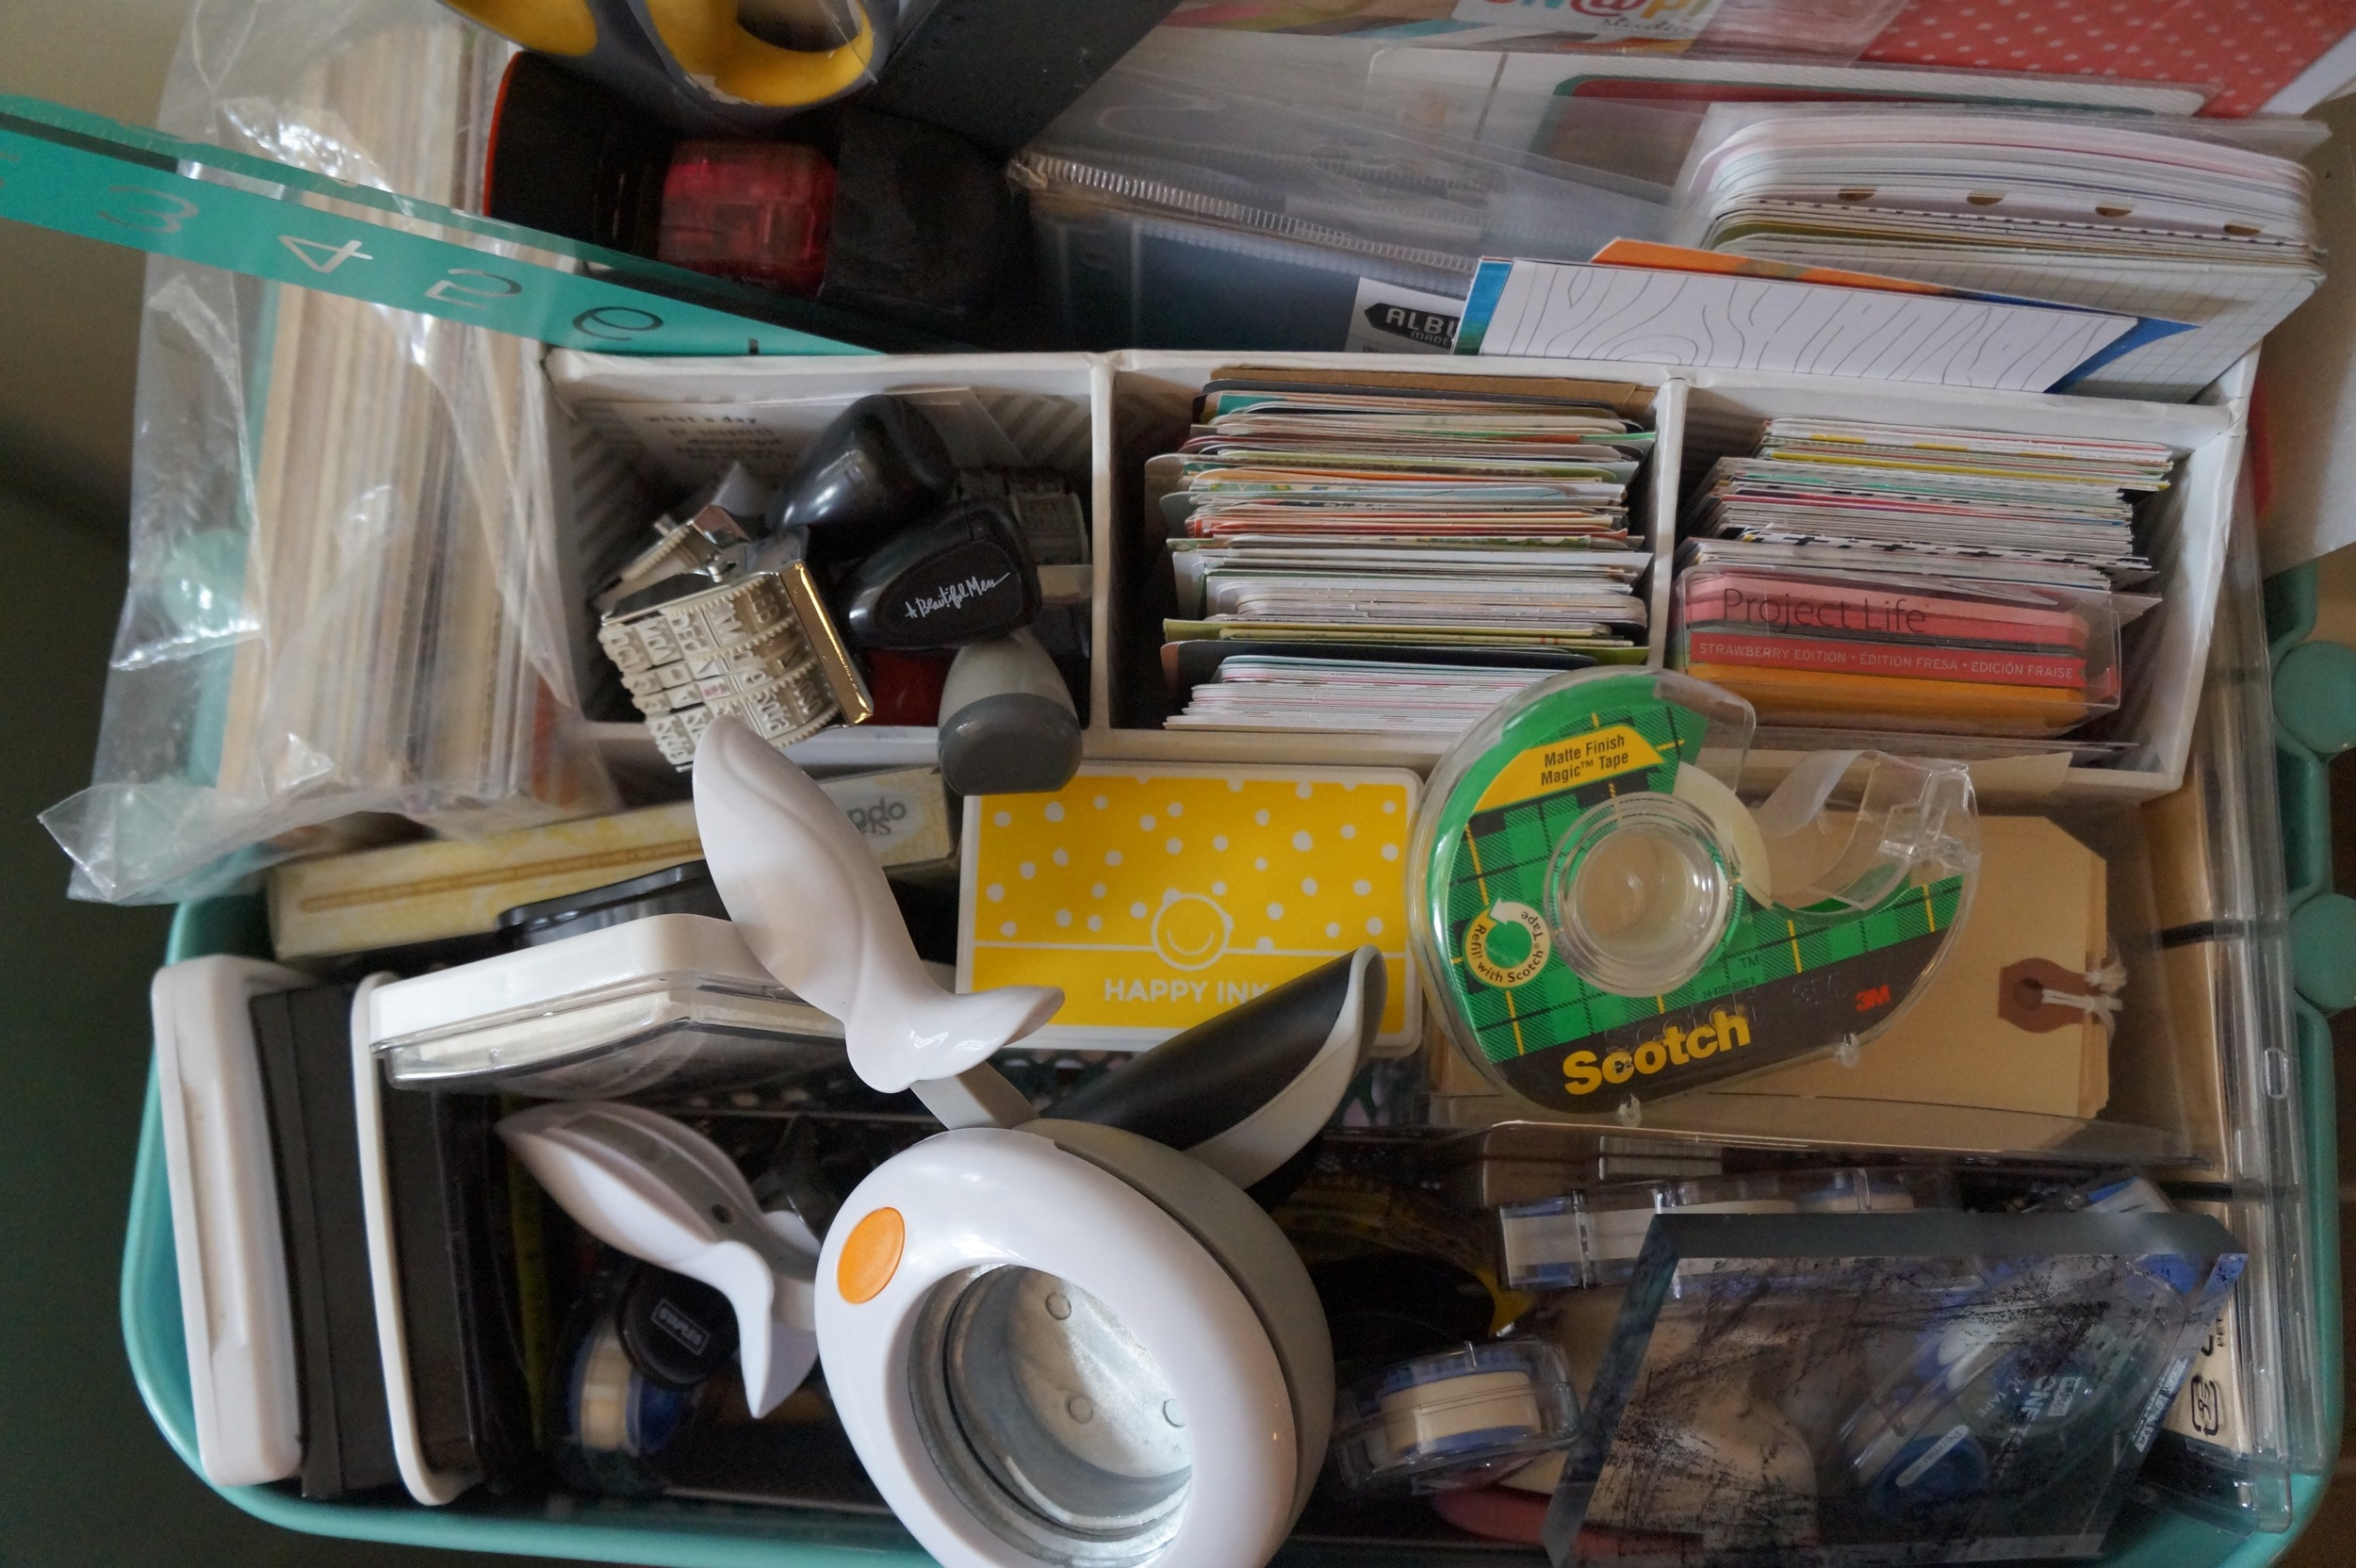 Workspace art storage mess